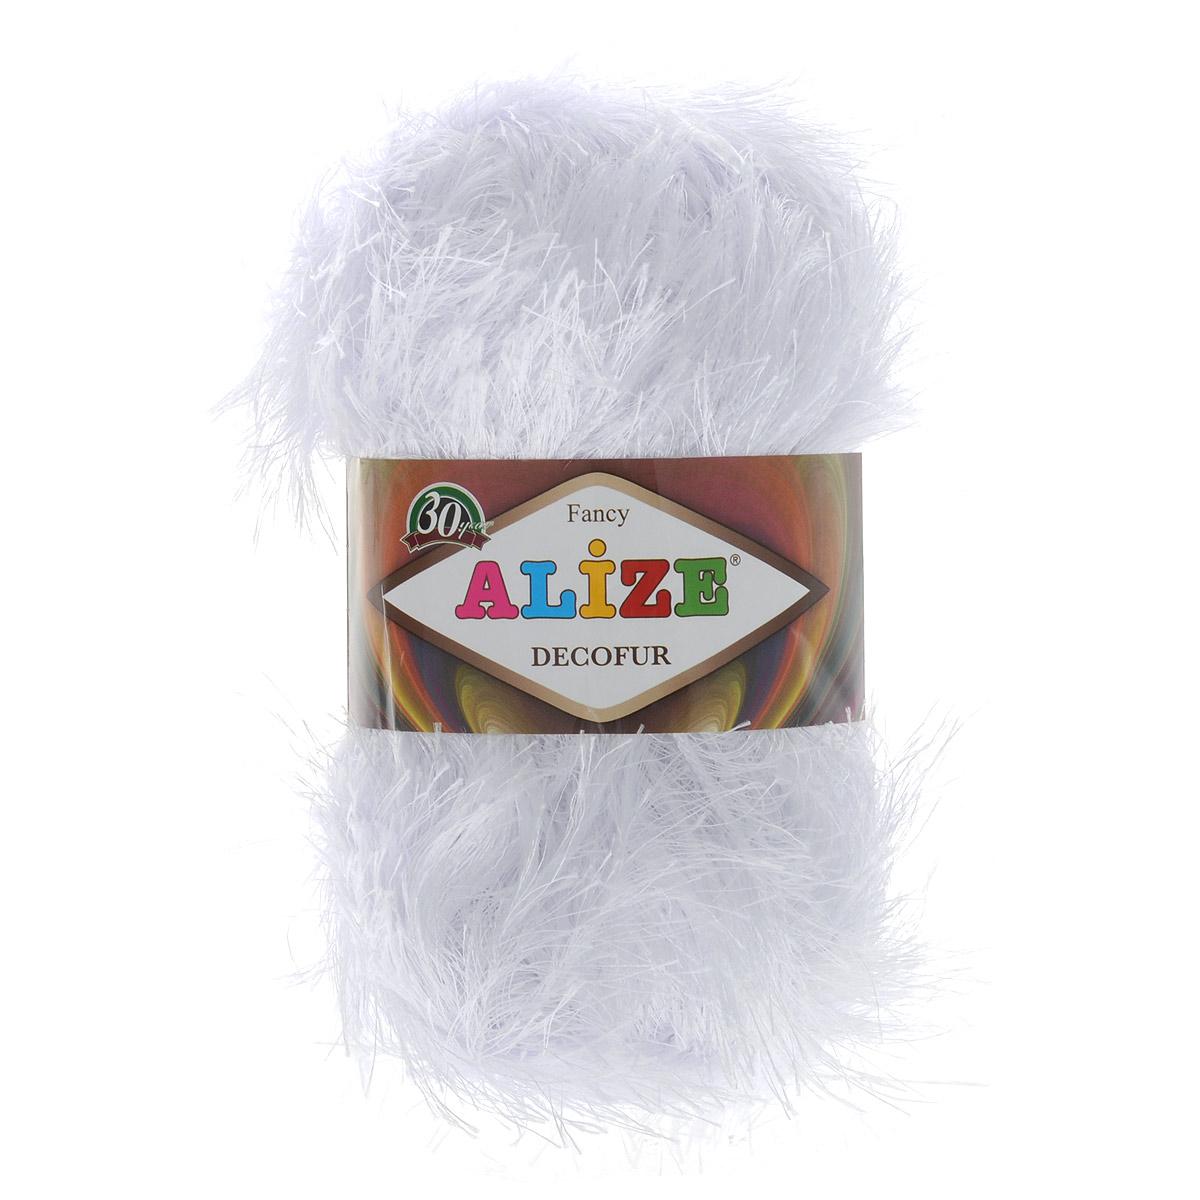 Пряжа для вязания Alize Decofur, цвет: белый (55), 110 м, 100 г, 5 шт364128_55Пряжа для вязания Alize Decofur изготовлена из полиэстера. Пряжа-травка предназначена для ручного вязания и идеально подходит для отделки. Готовый ворс получается равным 4 см. Рекомендованные спицы для вязания 6-8 мм. Рекомендованный крючок для вязания 3-4 мм. Комплектация: 5 мотков. Состав: 100% полиэстер.